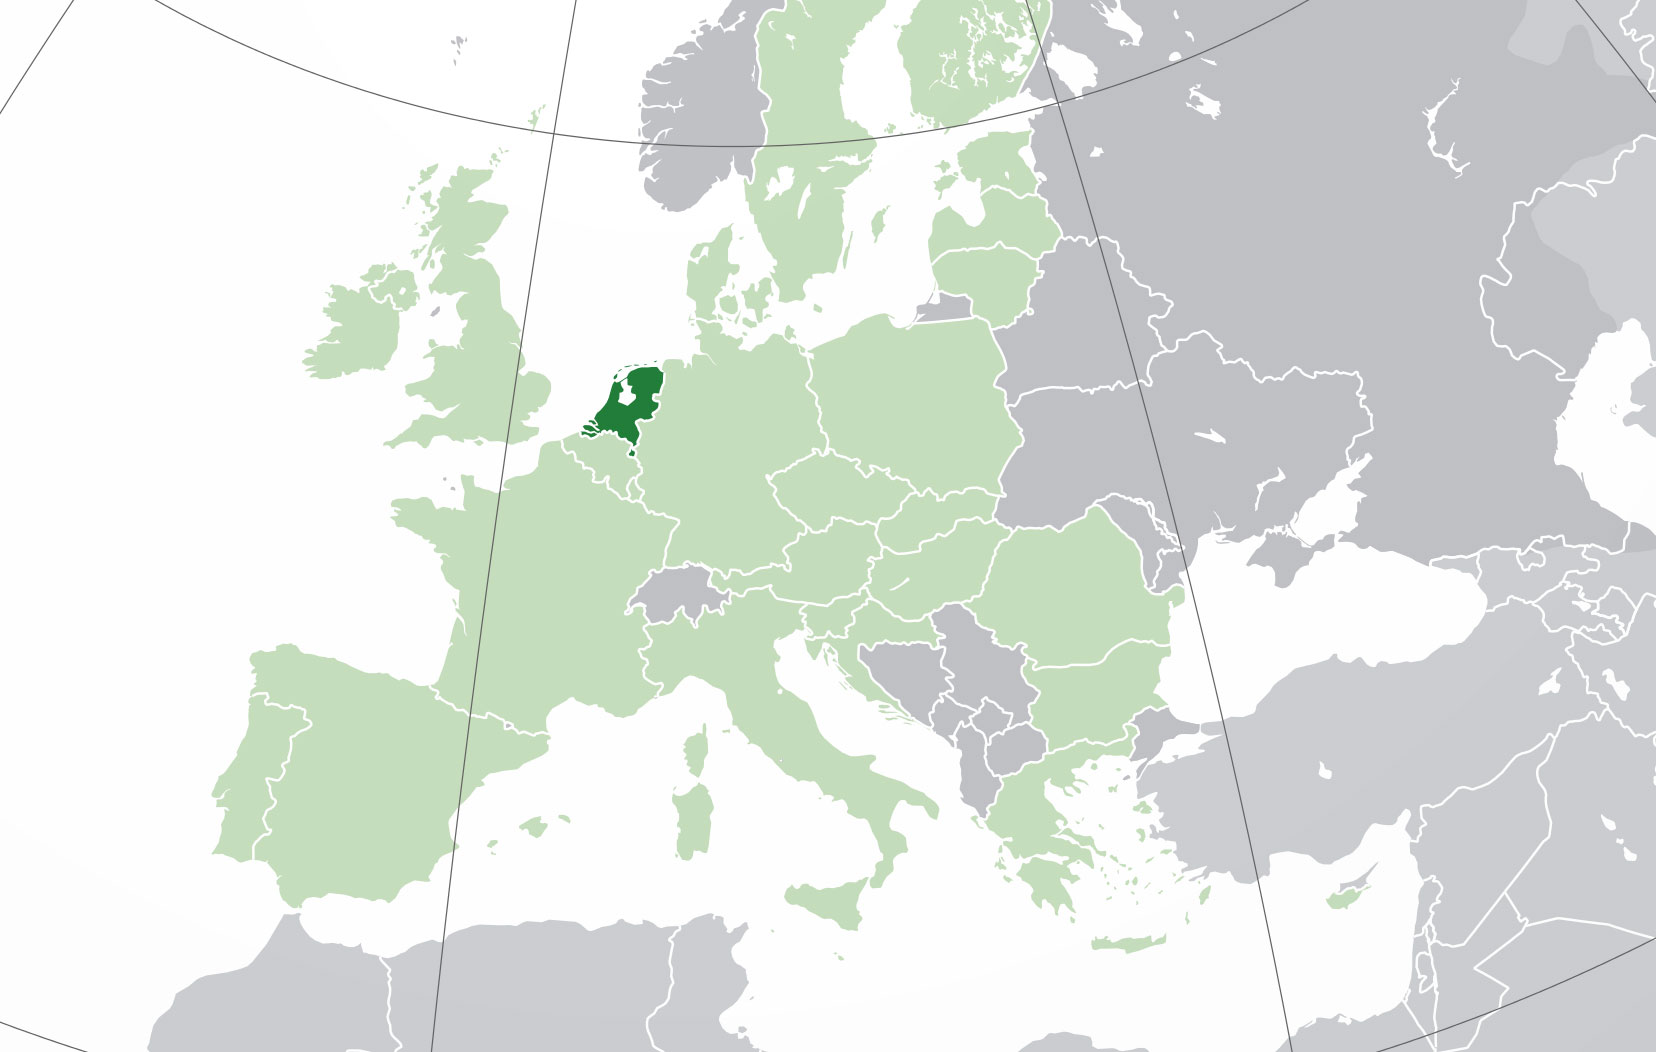 Localización geográfica de Holanda (Países Bajos)